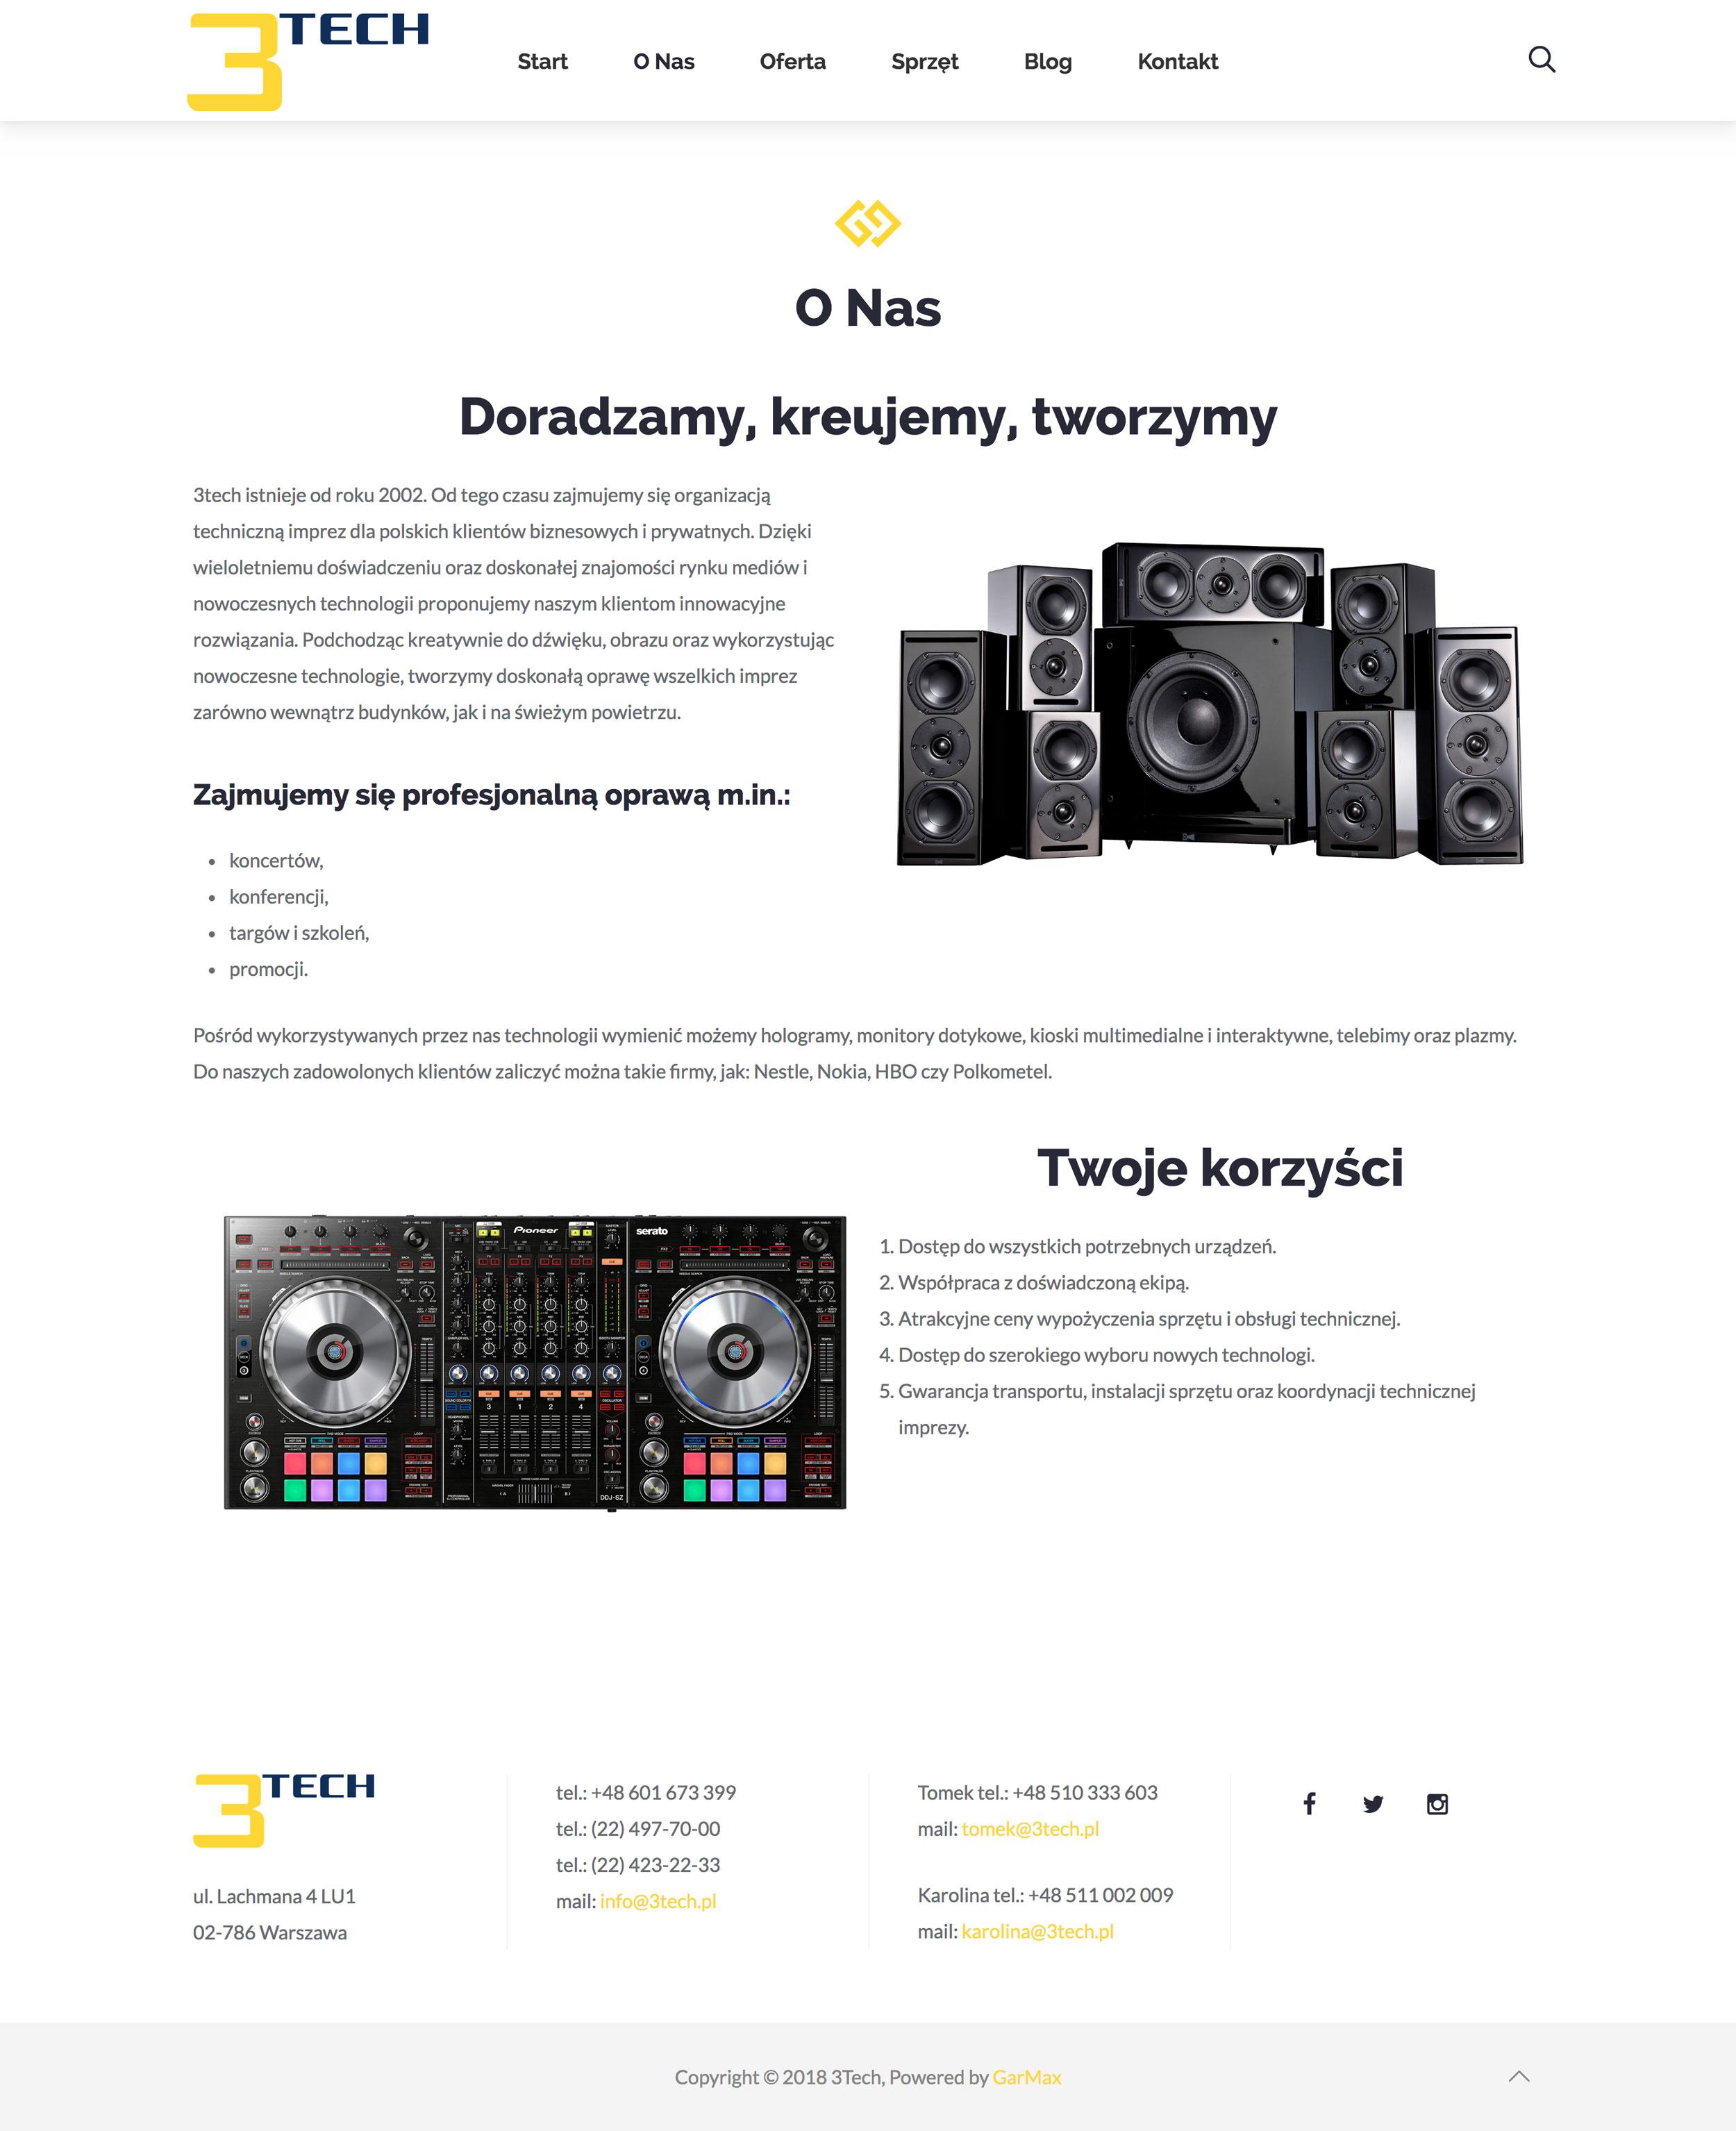 3Tech - O Nas